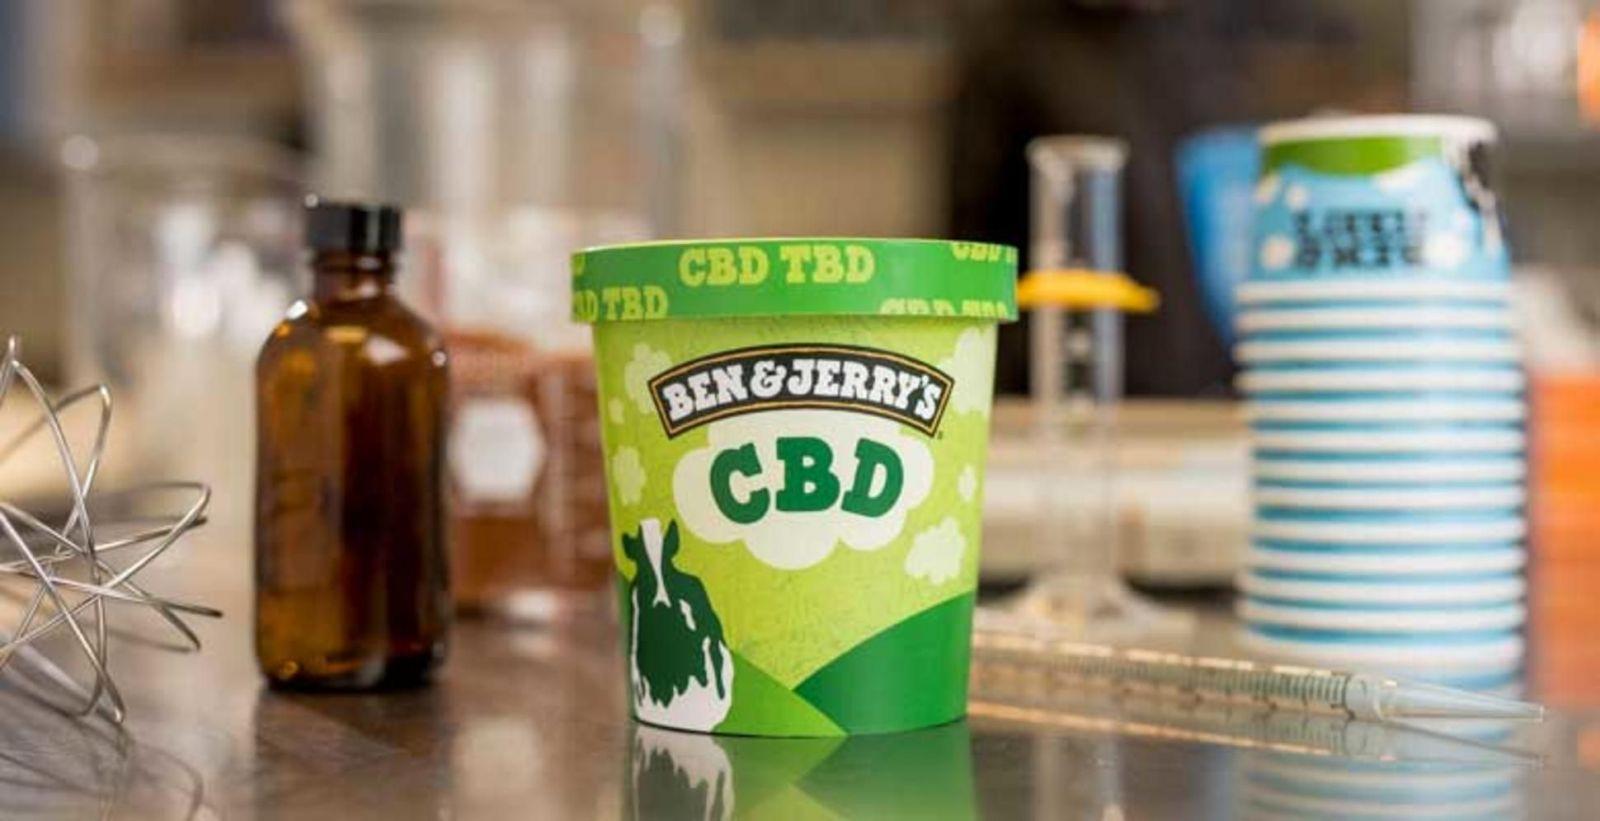 Ben & Jerry's začne predávať zmrzlinu s CBD, akonáhle to bude v USA legálne